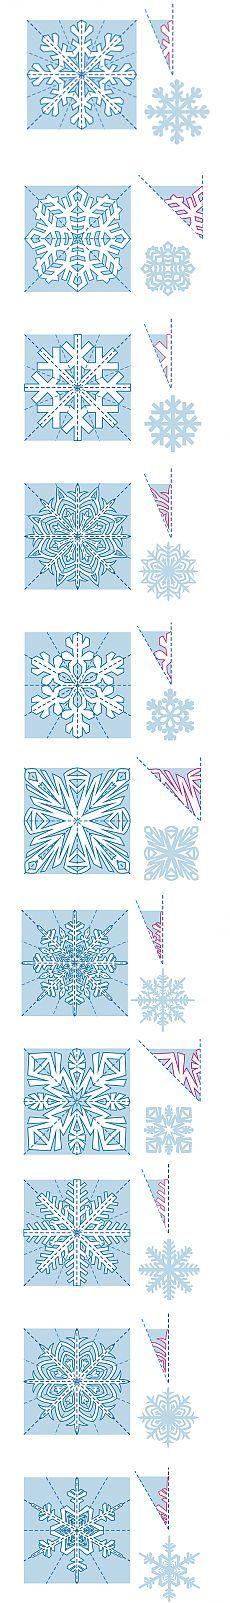 Как сделать снежинки из бумаги? | karapysik.ru